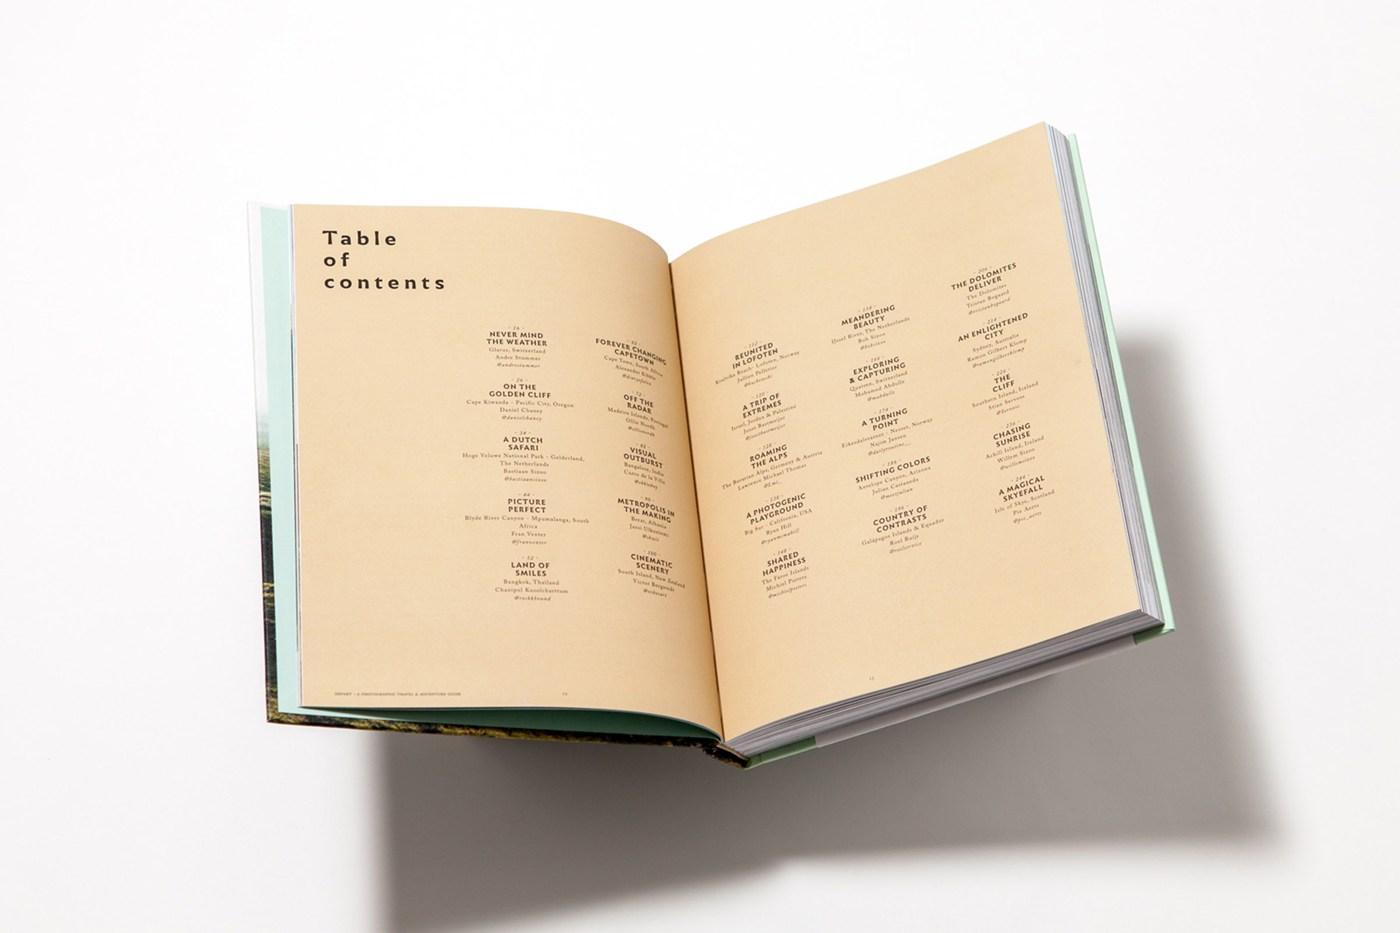 mendo_book_depart_02_02.jpg